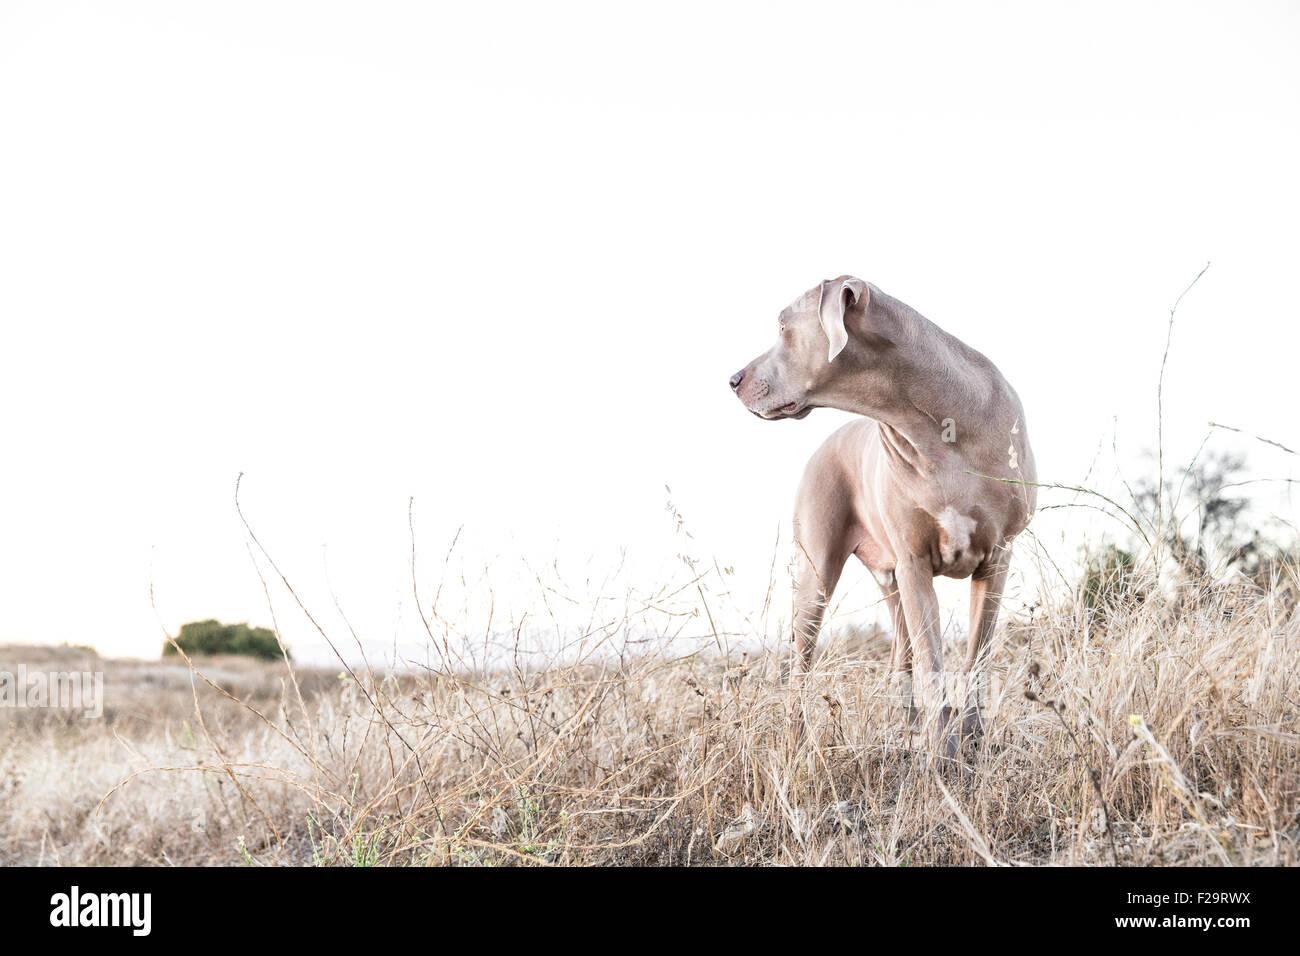 Perro Weimaraner adulto de pie frente a la cámara, mirando a un lado en un campo estéril seco, espacio Imagen De Stock